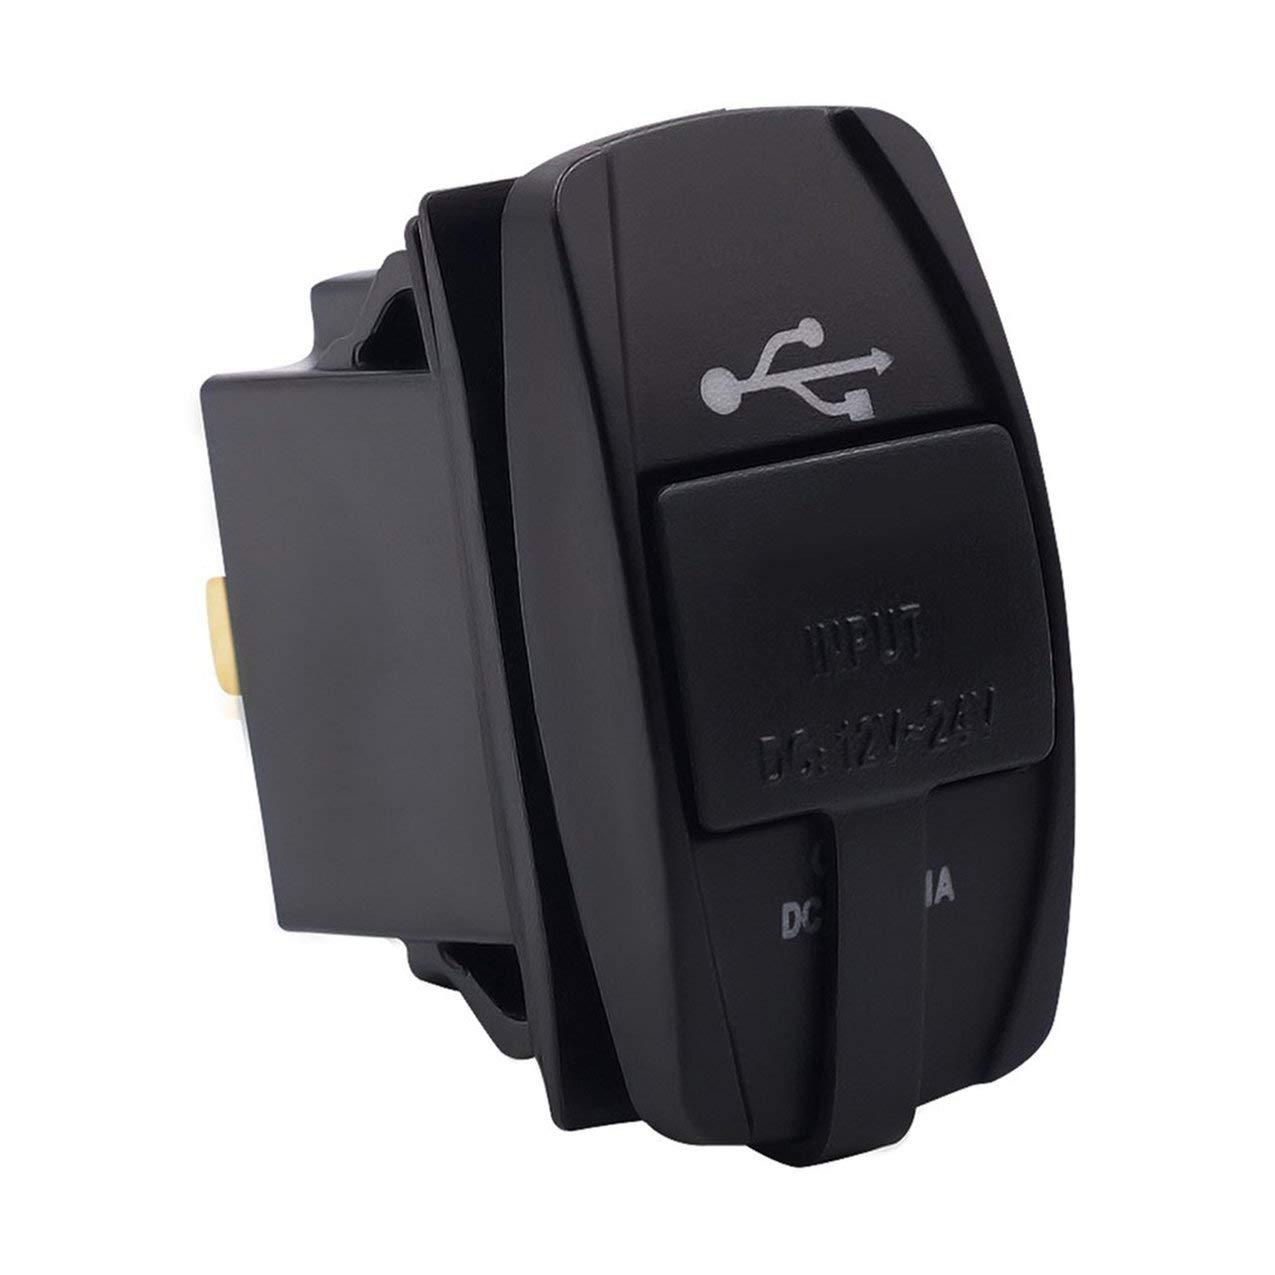 Prise de Chargeur de Voiture USB, Prise de Chargeur de Voiture Universel USB avec lumière LED Prise de Courant de Double Adaptateur de Charge de téléphone USB pour Panneau Interrupteur à Bascule Redstrong